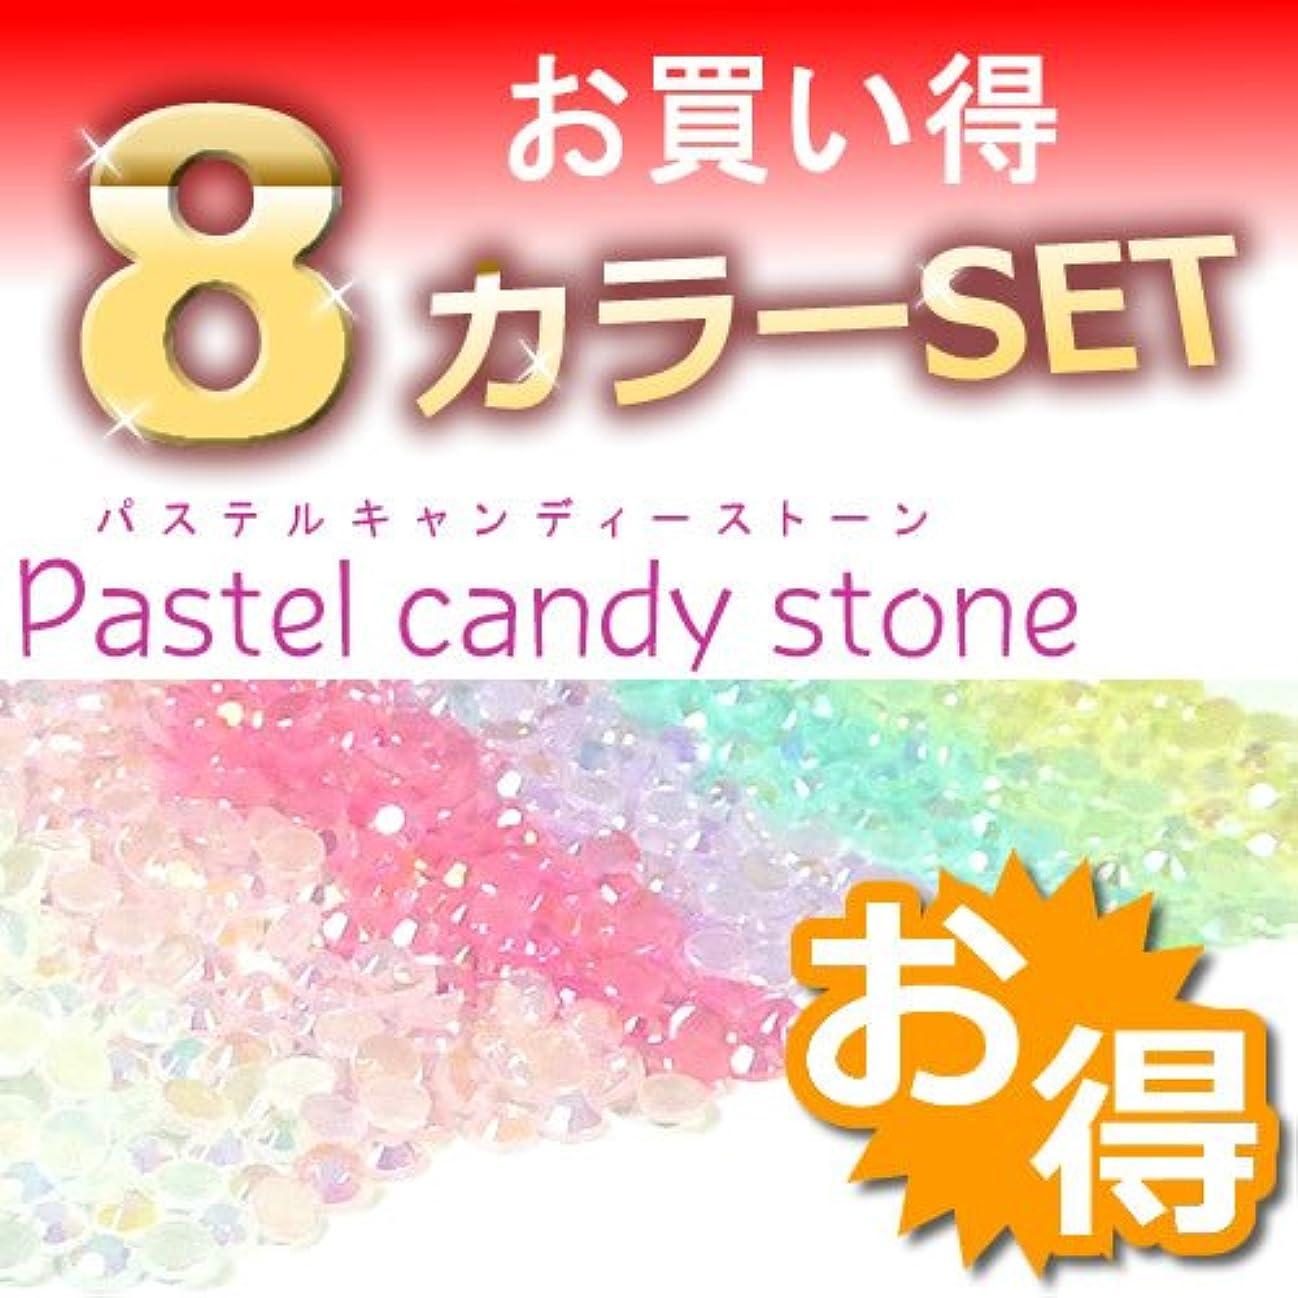 ホールディプロマ四面体シャボン玉 パステル キャンディー ラインストーン 8色カラーセット デコ電やネイル 2mm 8色